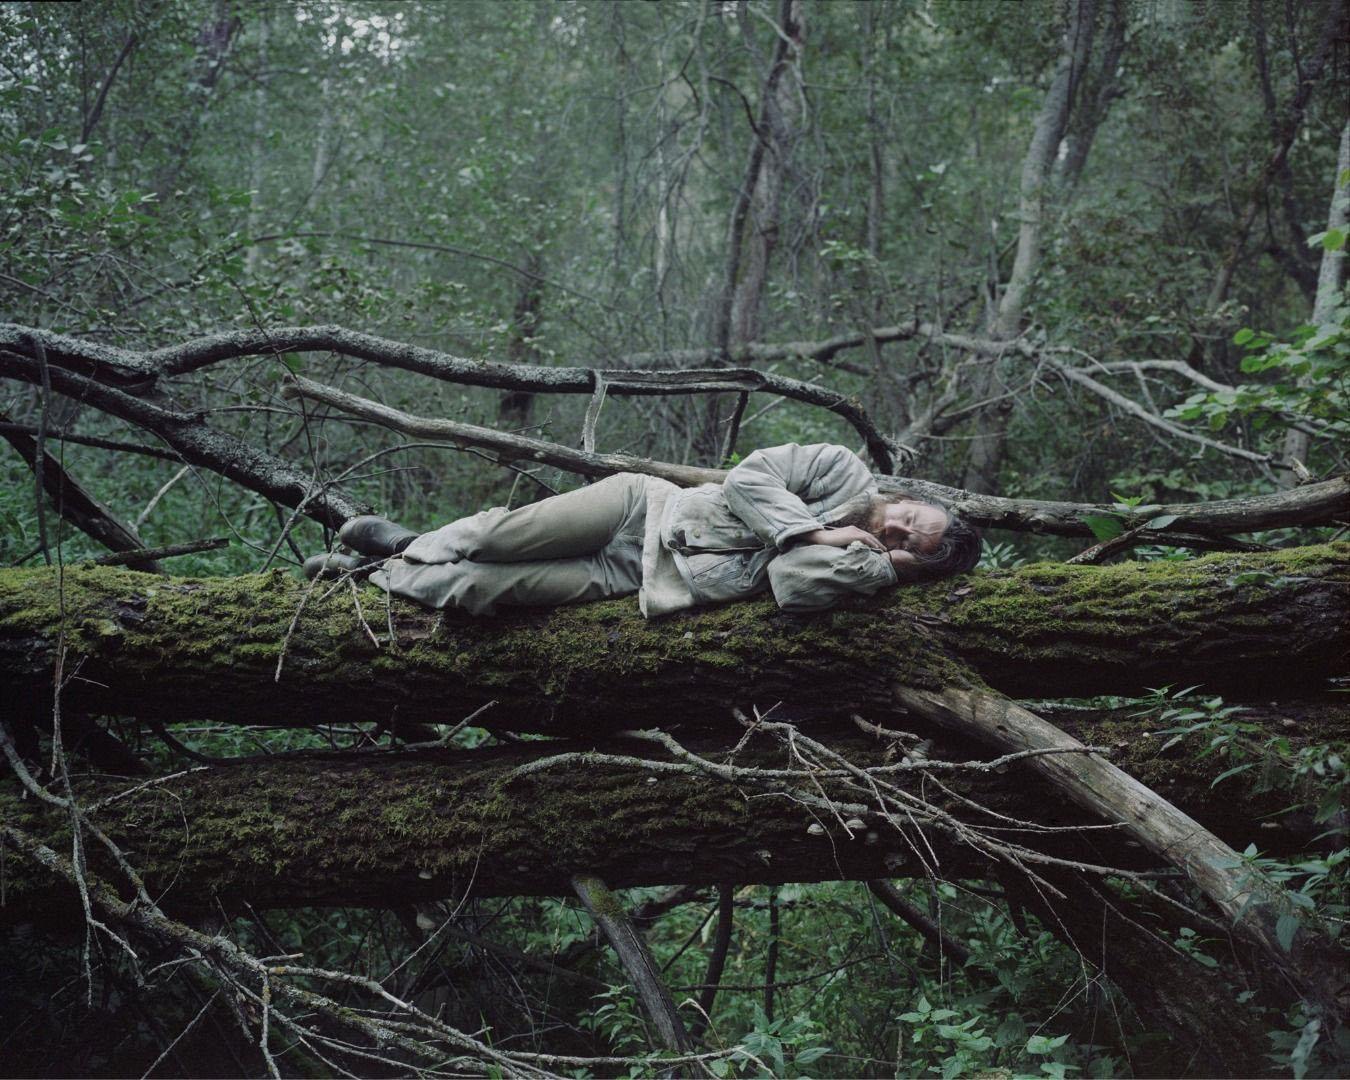 Escape by Danila Tkachenko